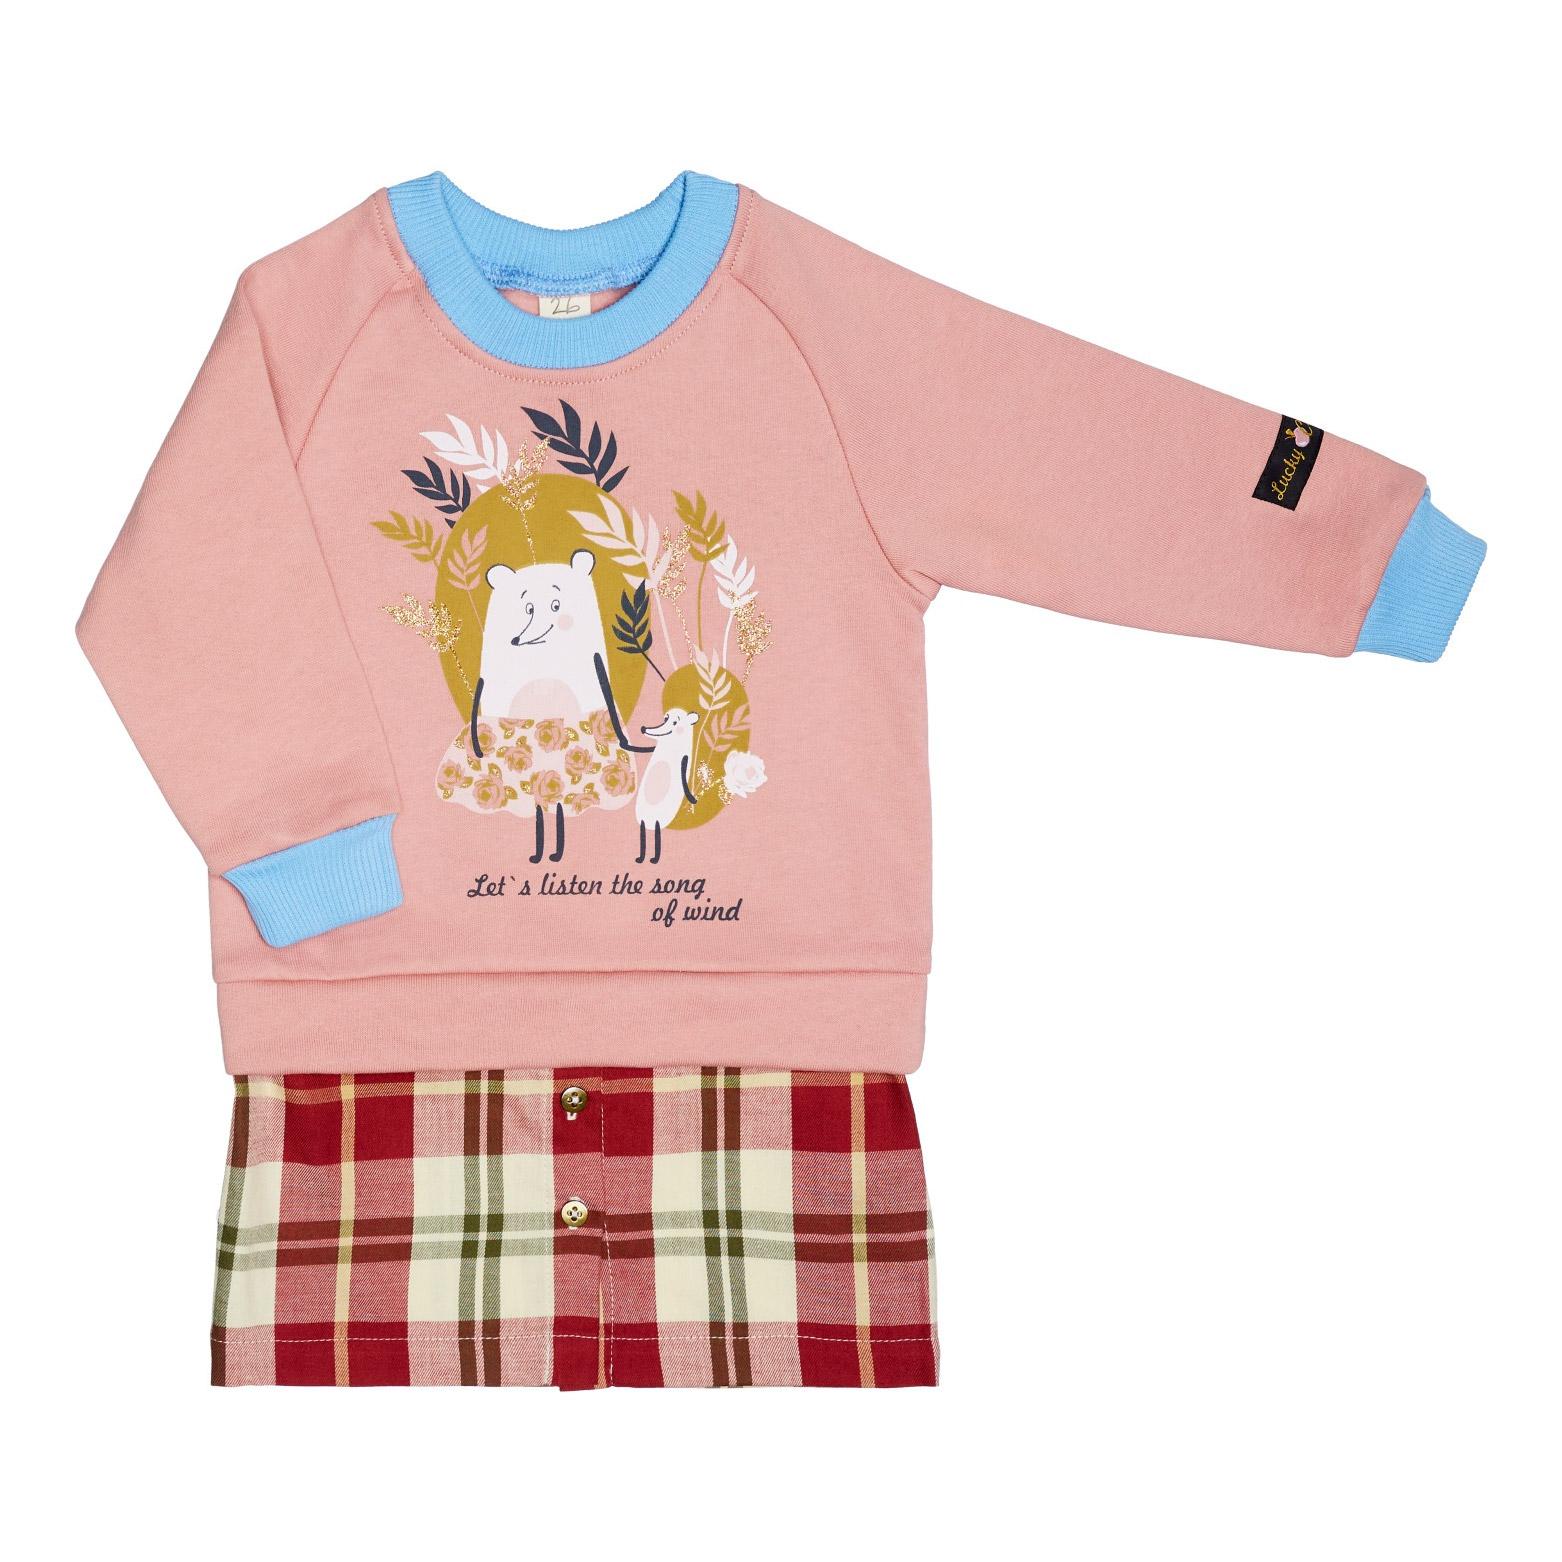 Купить Платье Lucky Child Осенний лес розовое 110-116, Розовый, Футер, Для девочек, Осень-Зима,